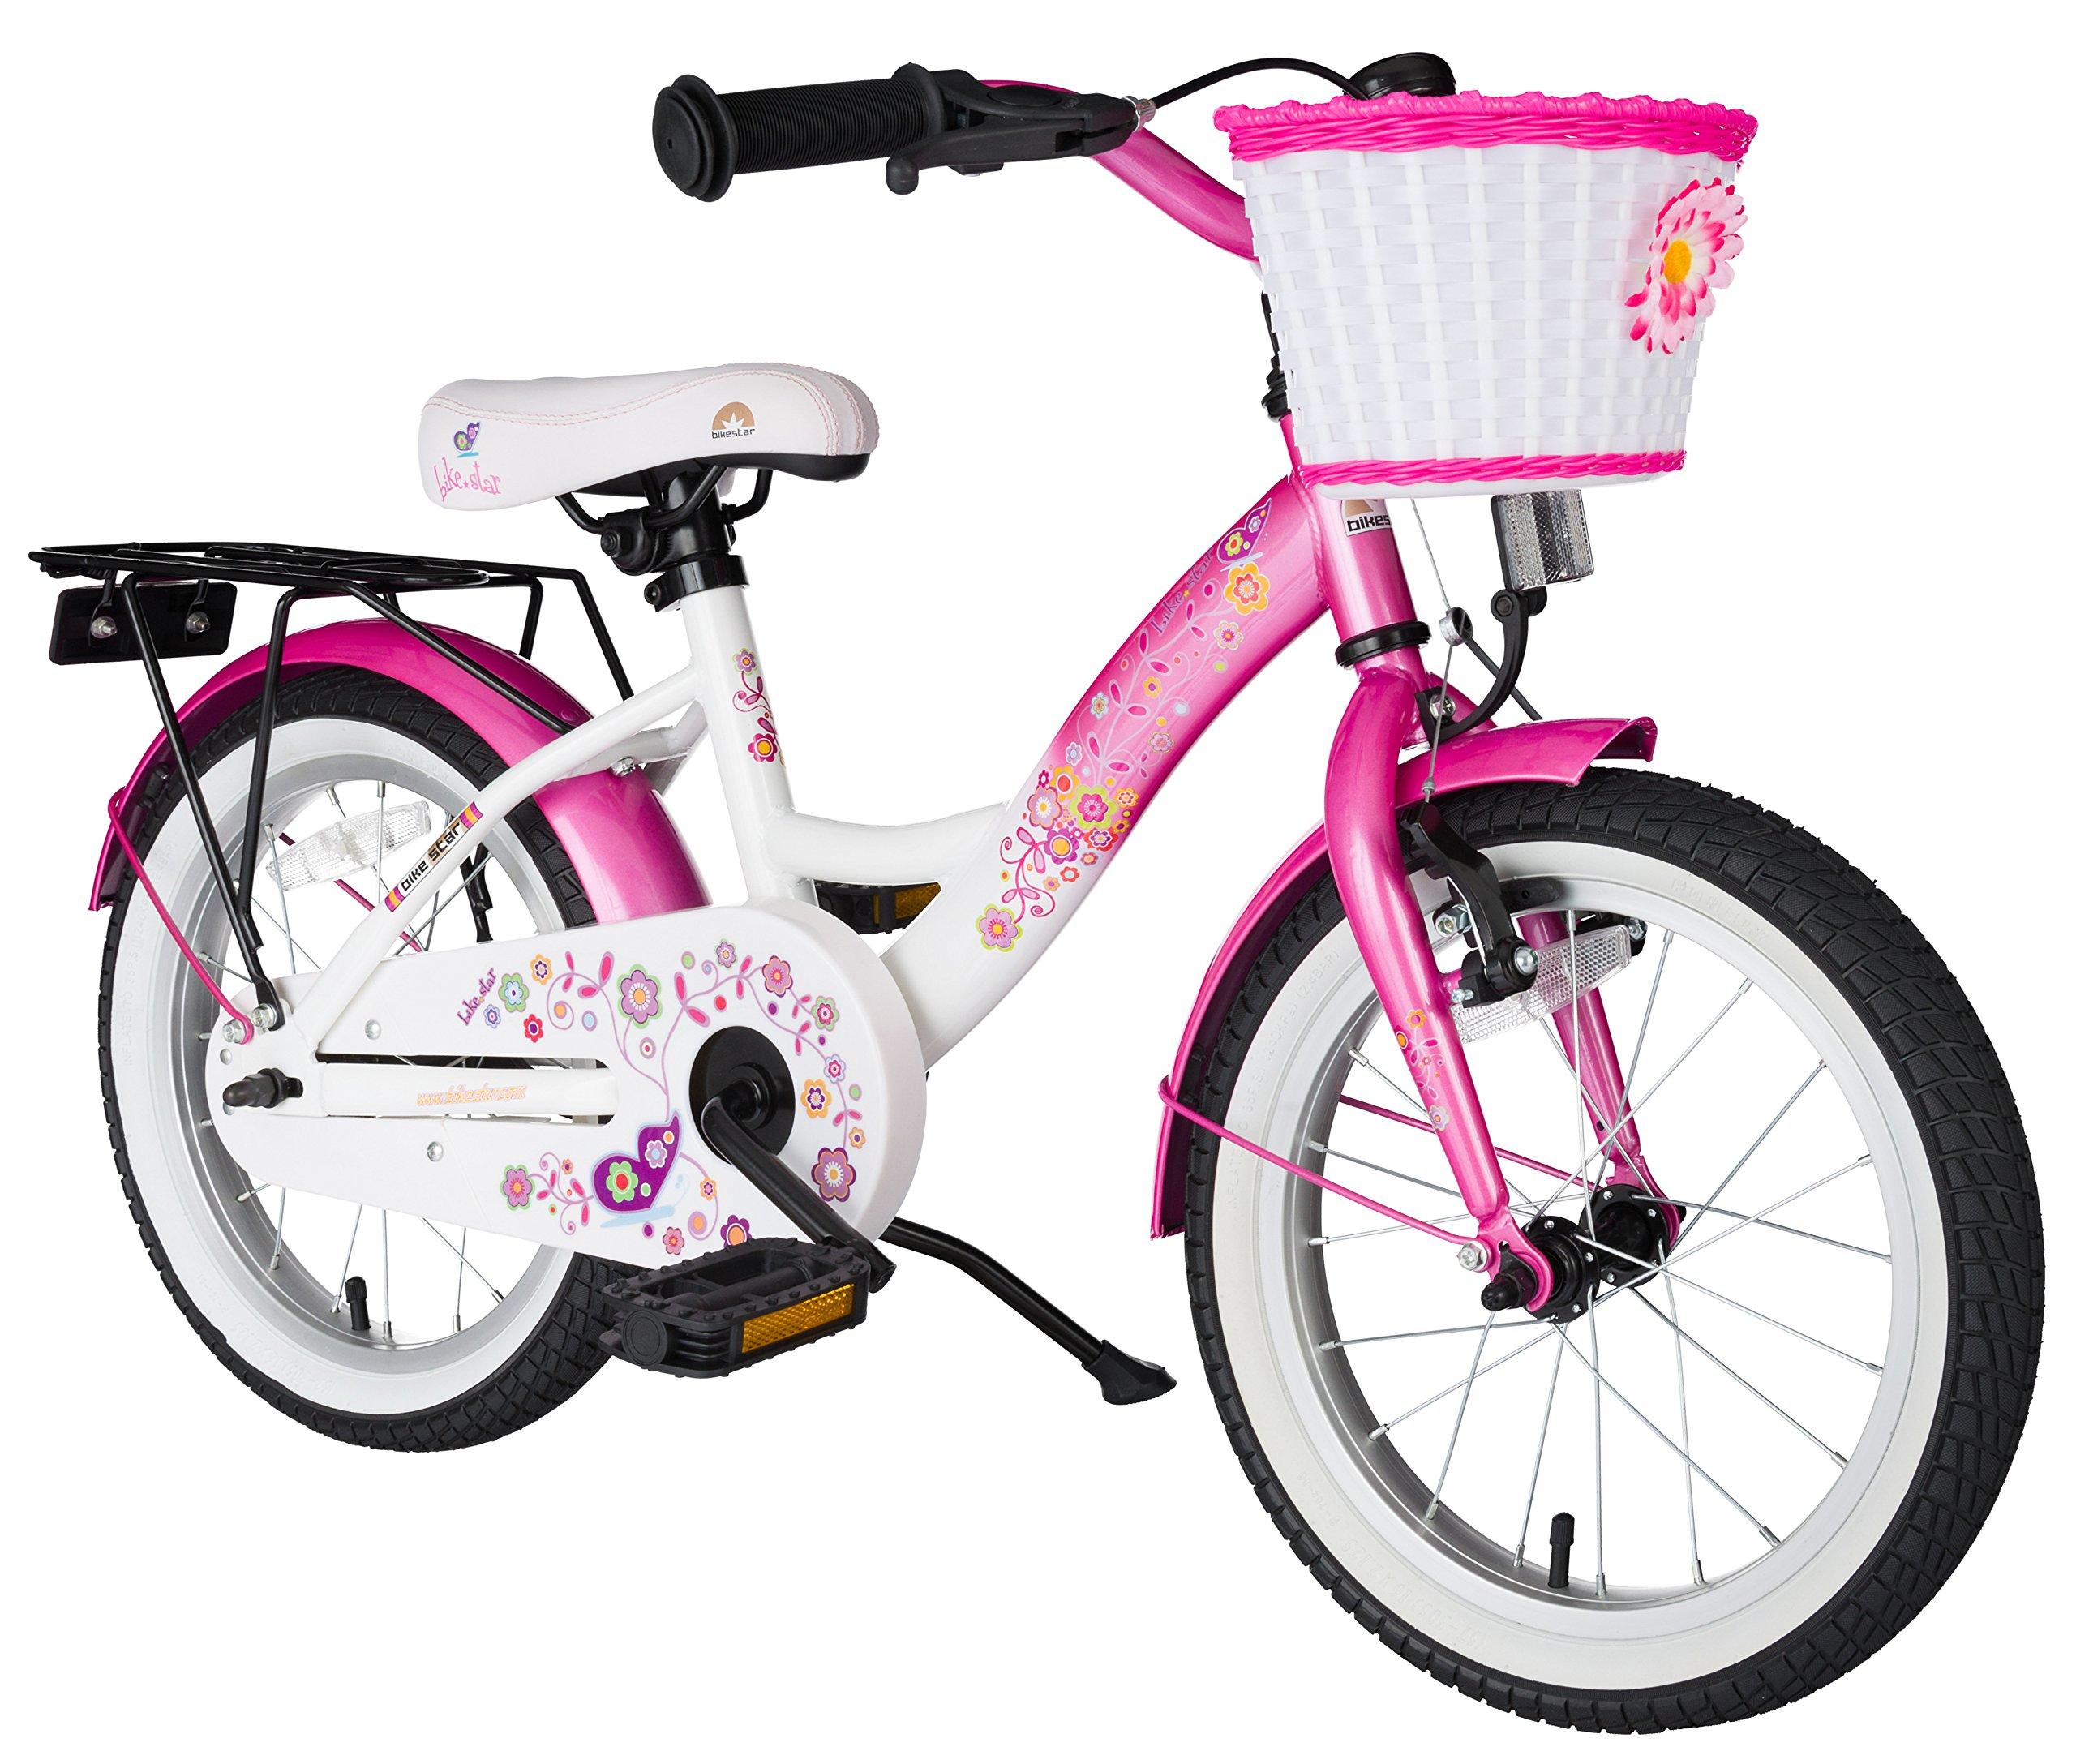 BIKESTAR® Premium Bicicletta per Bambini giù 4 anno ? Edizioni 16ª Classico ? Fenicottero Rosa & Dia